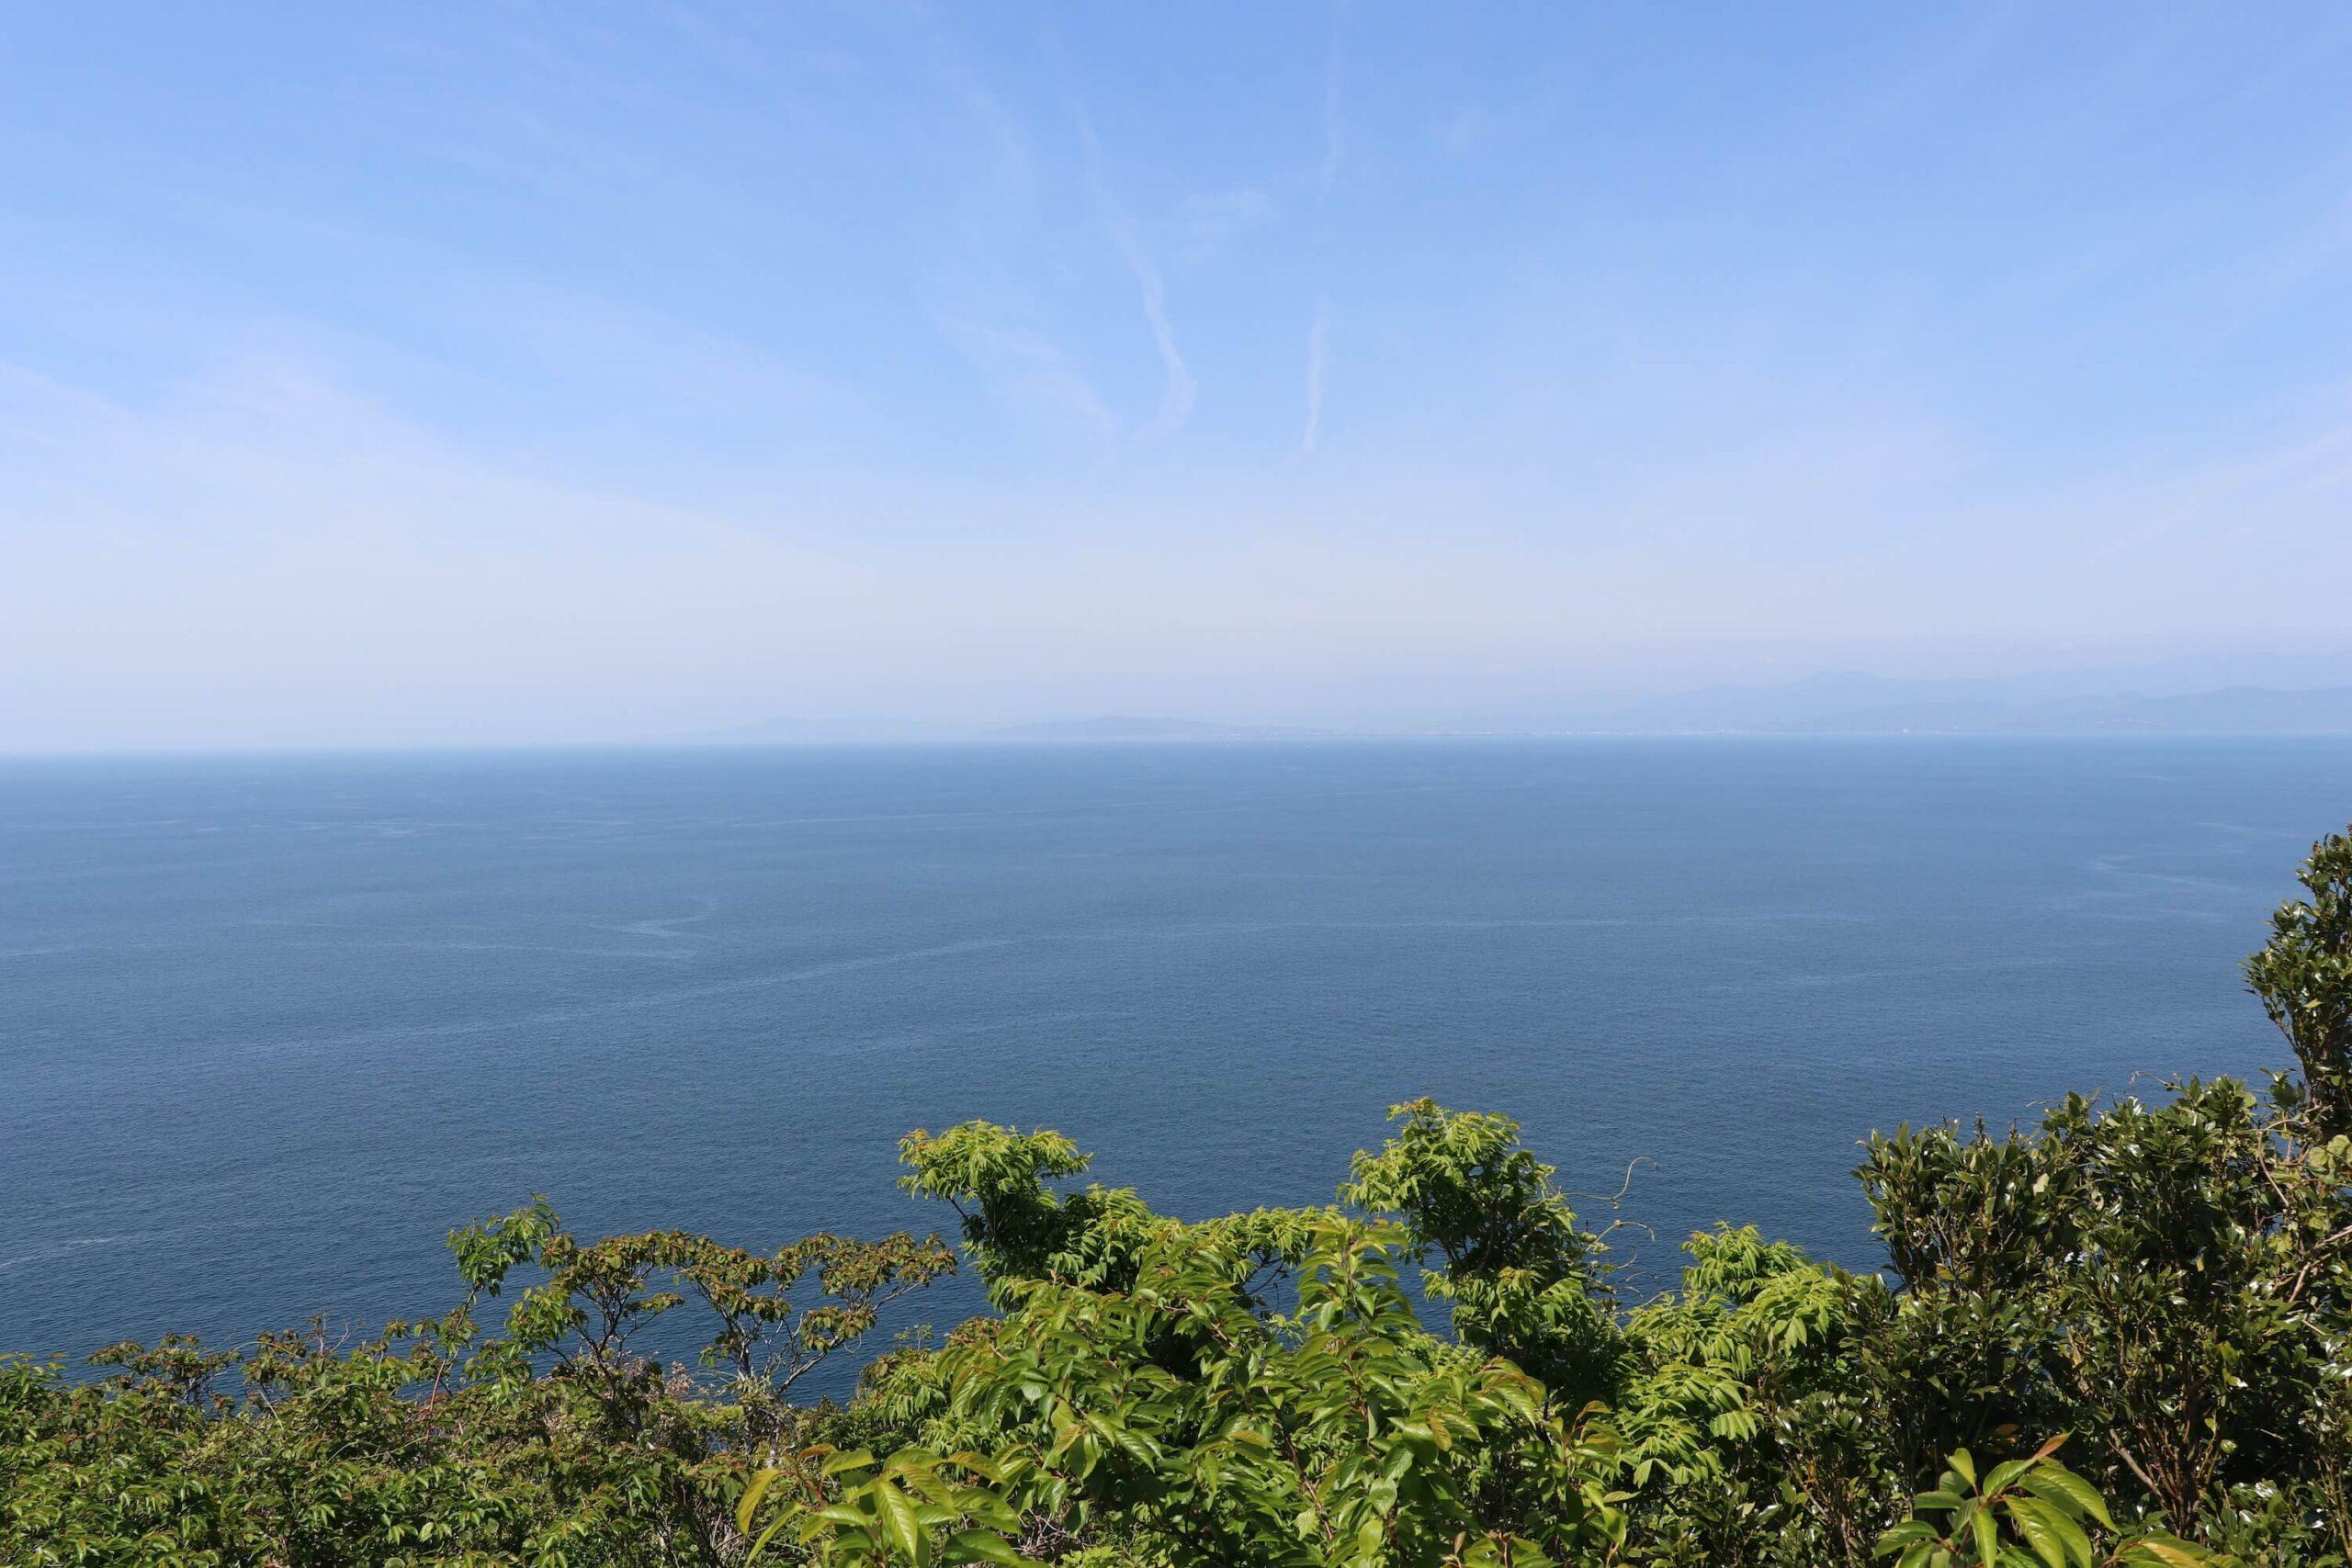 戸田の出会岬から見る駿河湾